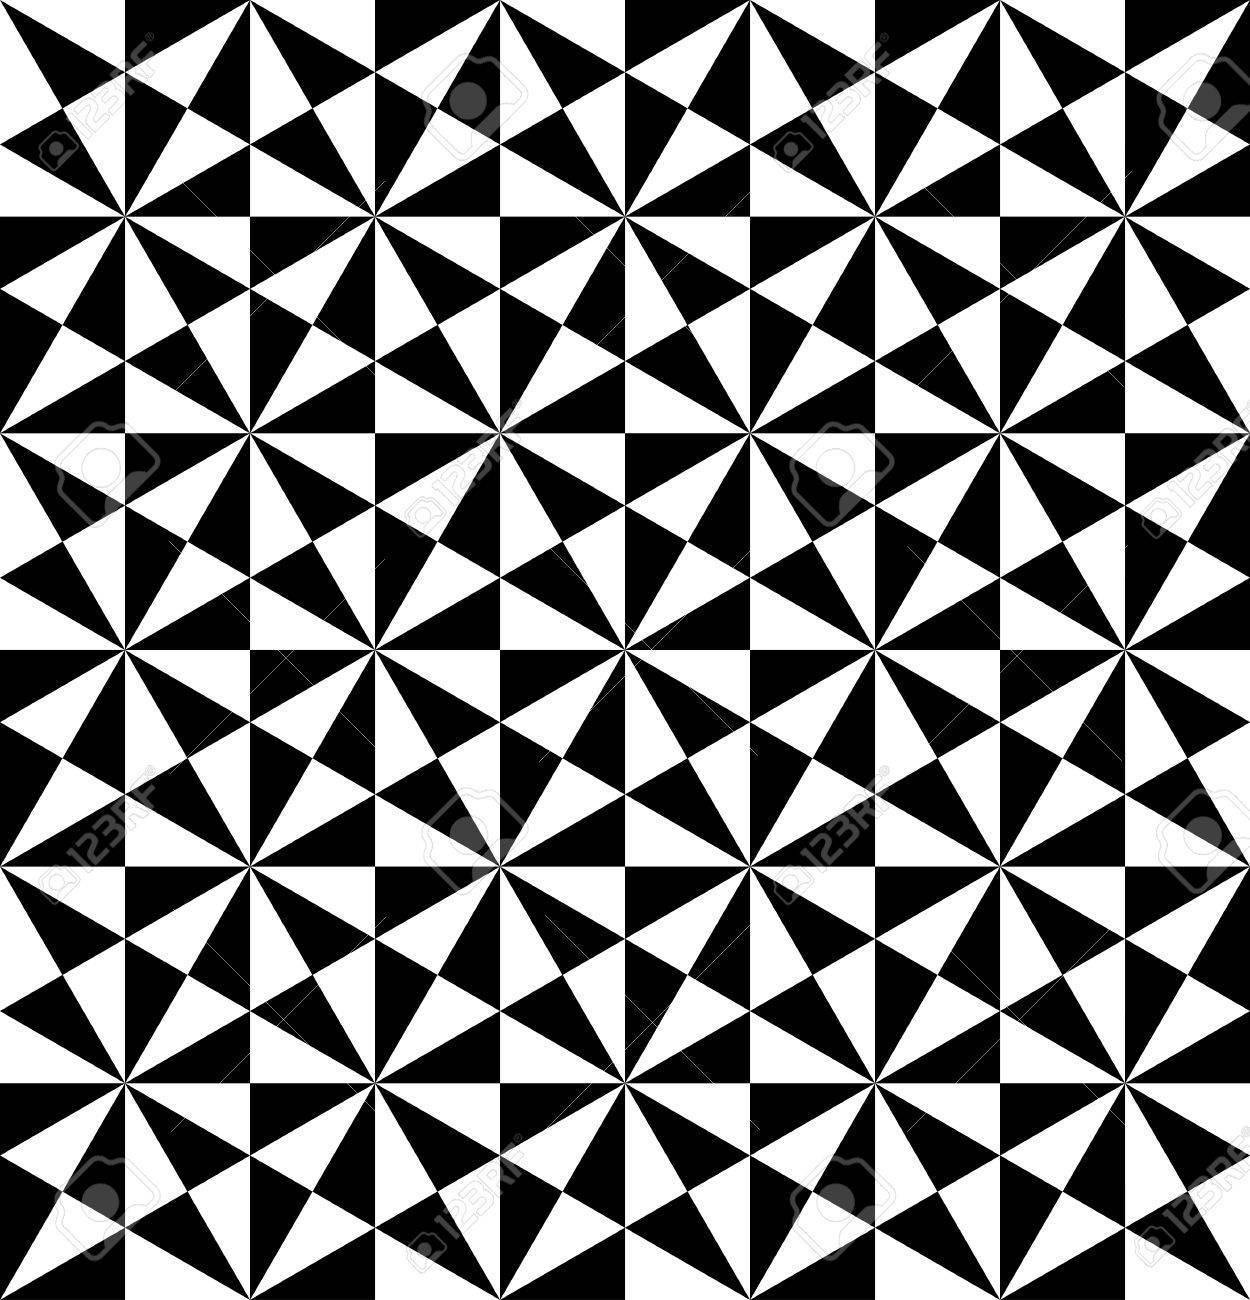 Disegni Geometrici Bianco E Nero in bianco e nero disegno geometrico senza soluzione di continuità con il  triangolo, sfondo astratto, vettore, illustrazione.